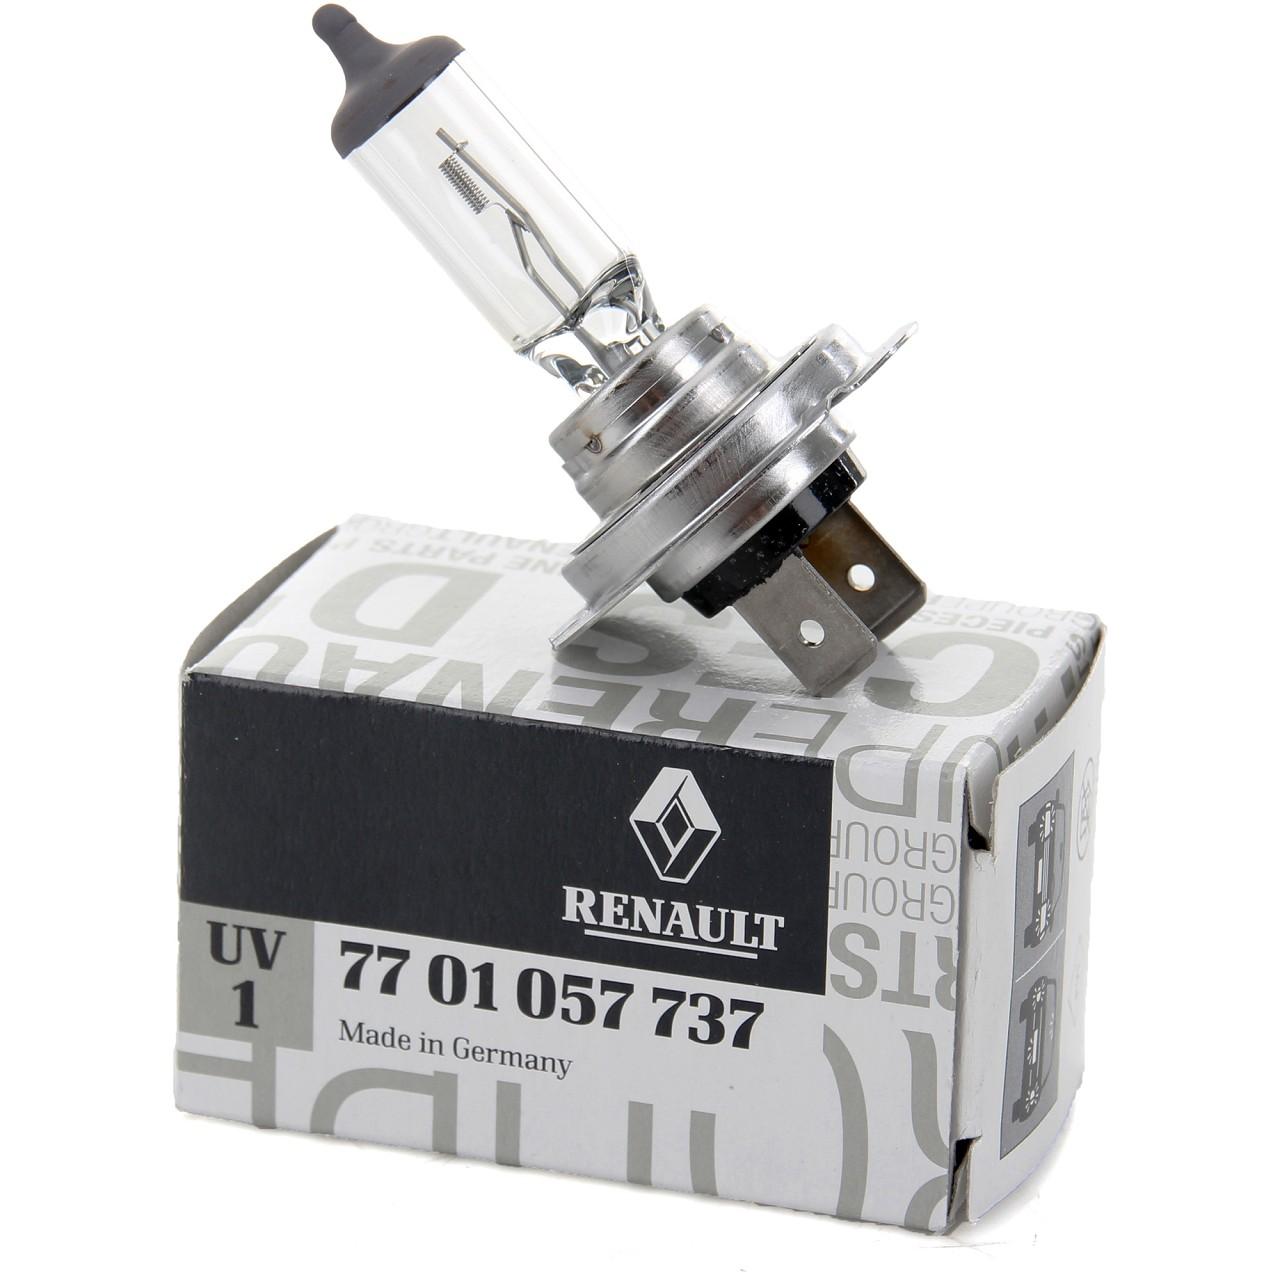 ORIGINAL Renault Halogenlampe Glühlampe H7 12V 55W PX26d (1 Stück) 7701057737